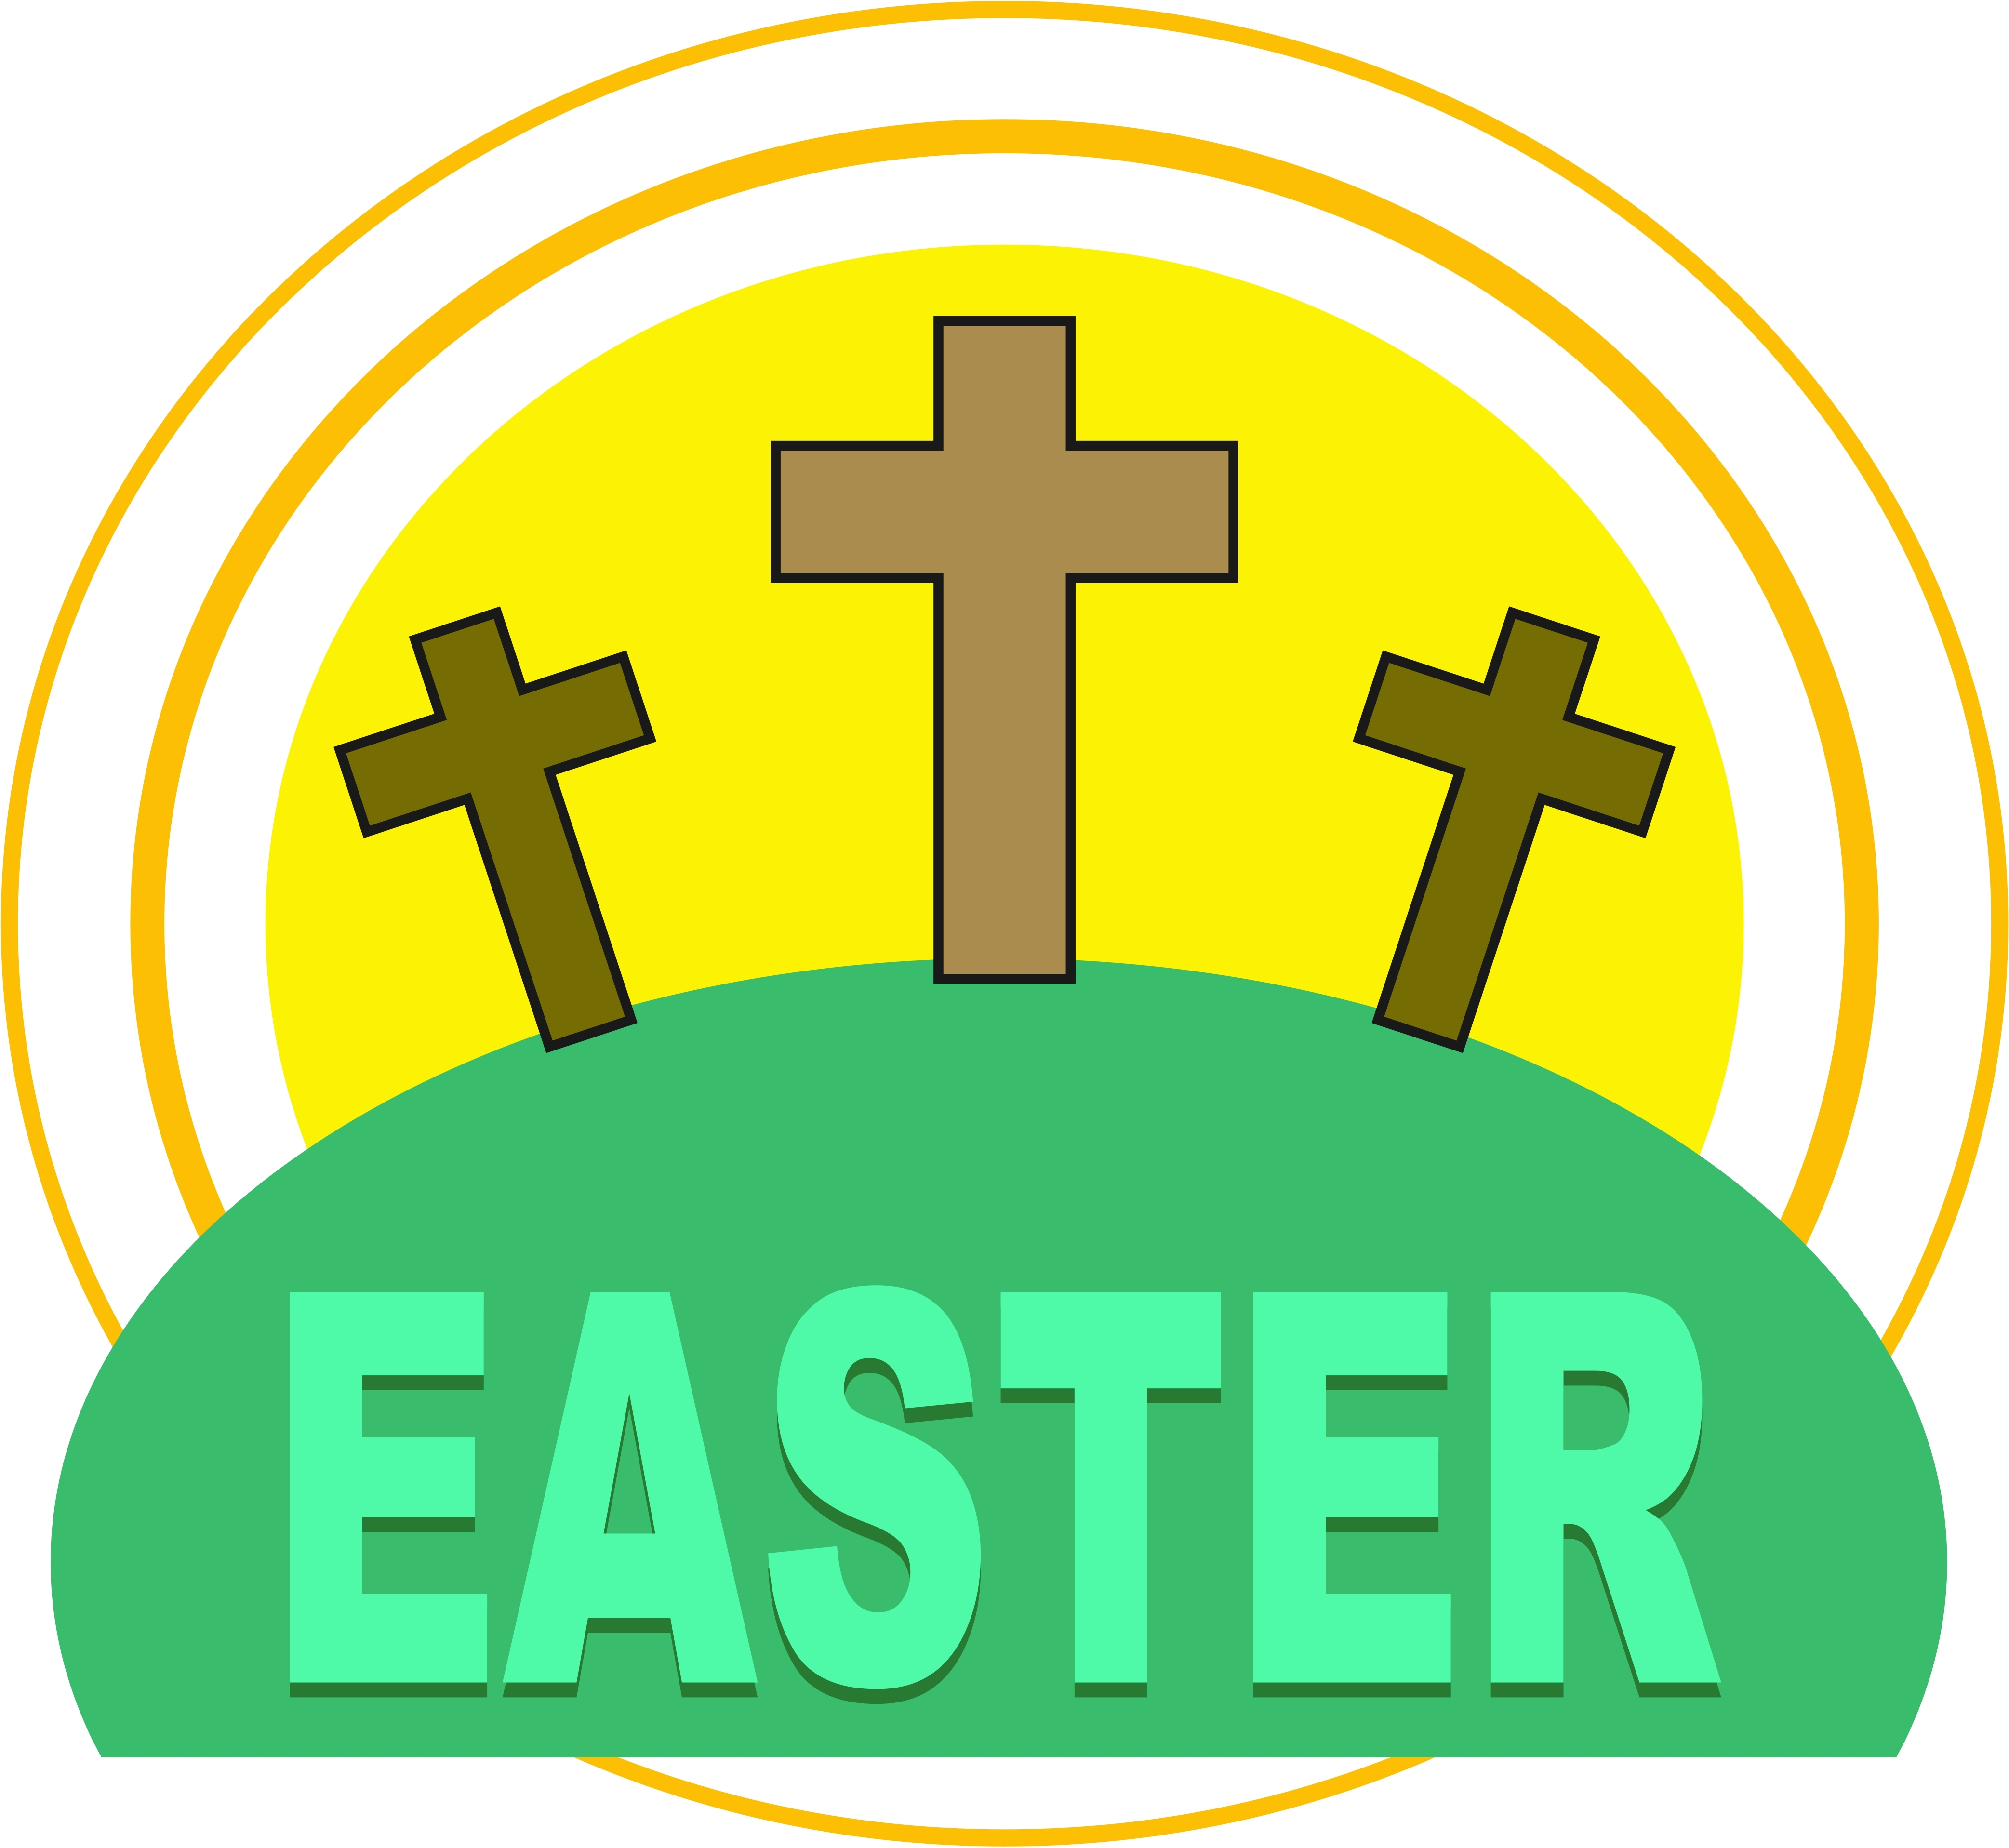 Easter clipart religious New Religious Easter Clip Art.